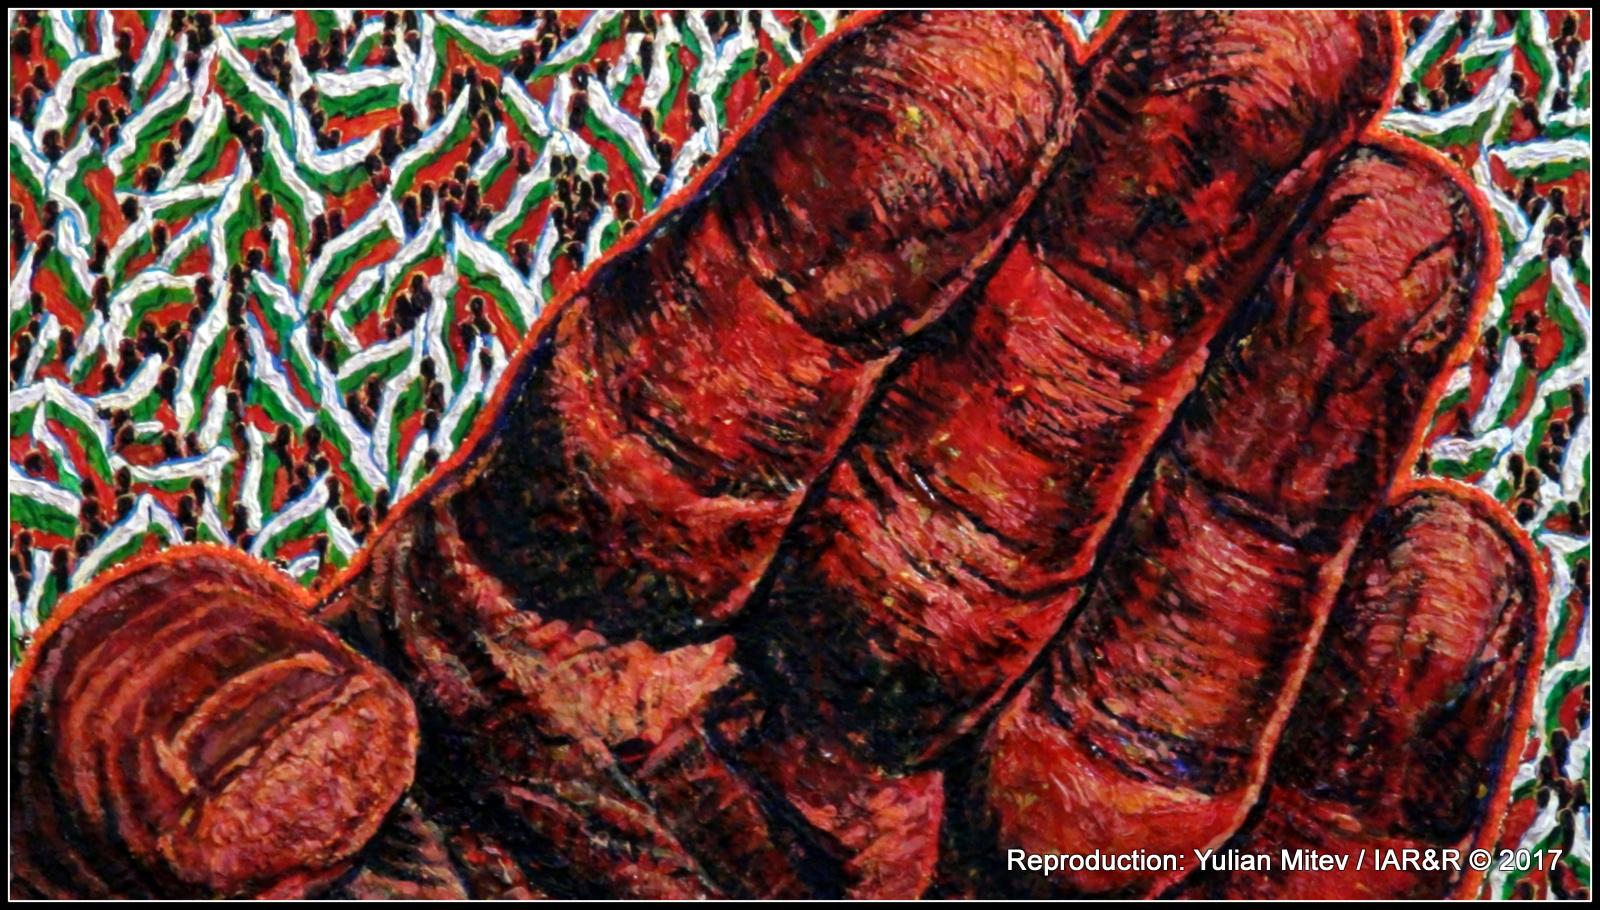 """АНТОН ТЕРЗИЕВ, """"Скришни игри VІІ"""" (фрагмент), 2017, провенанс: колекцията на Николай Неделчев"""